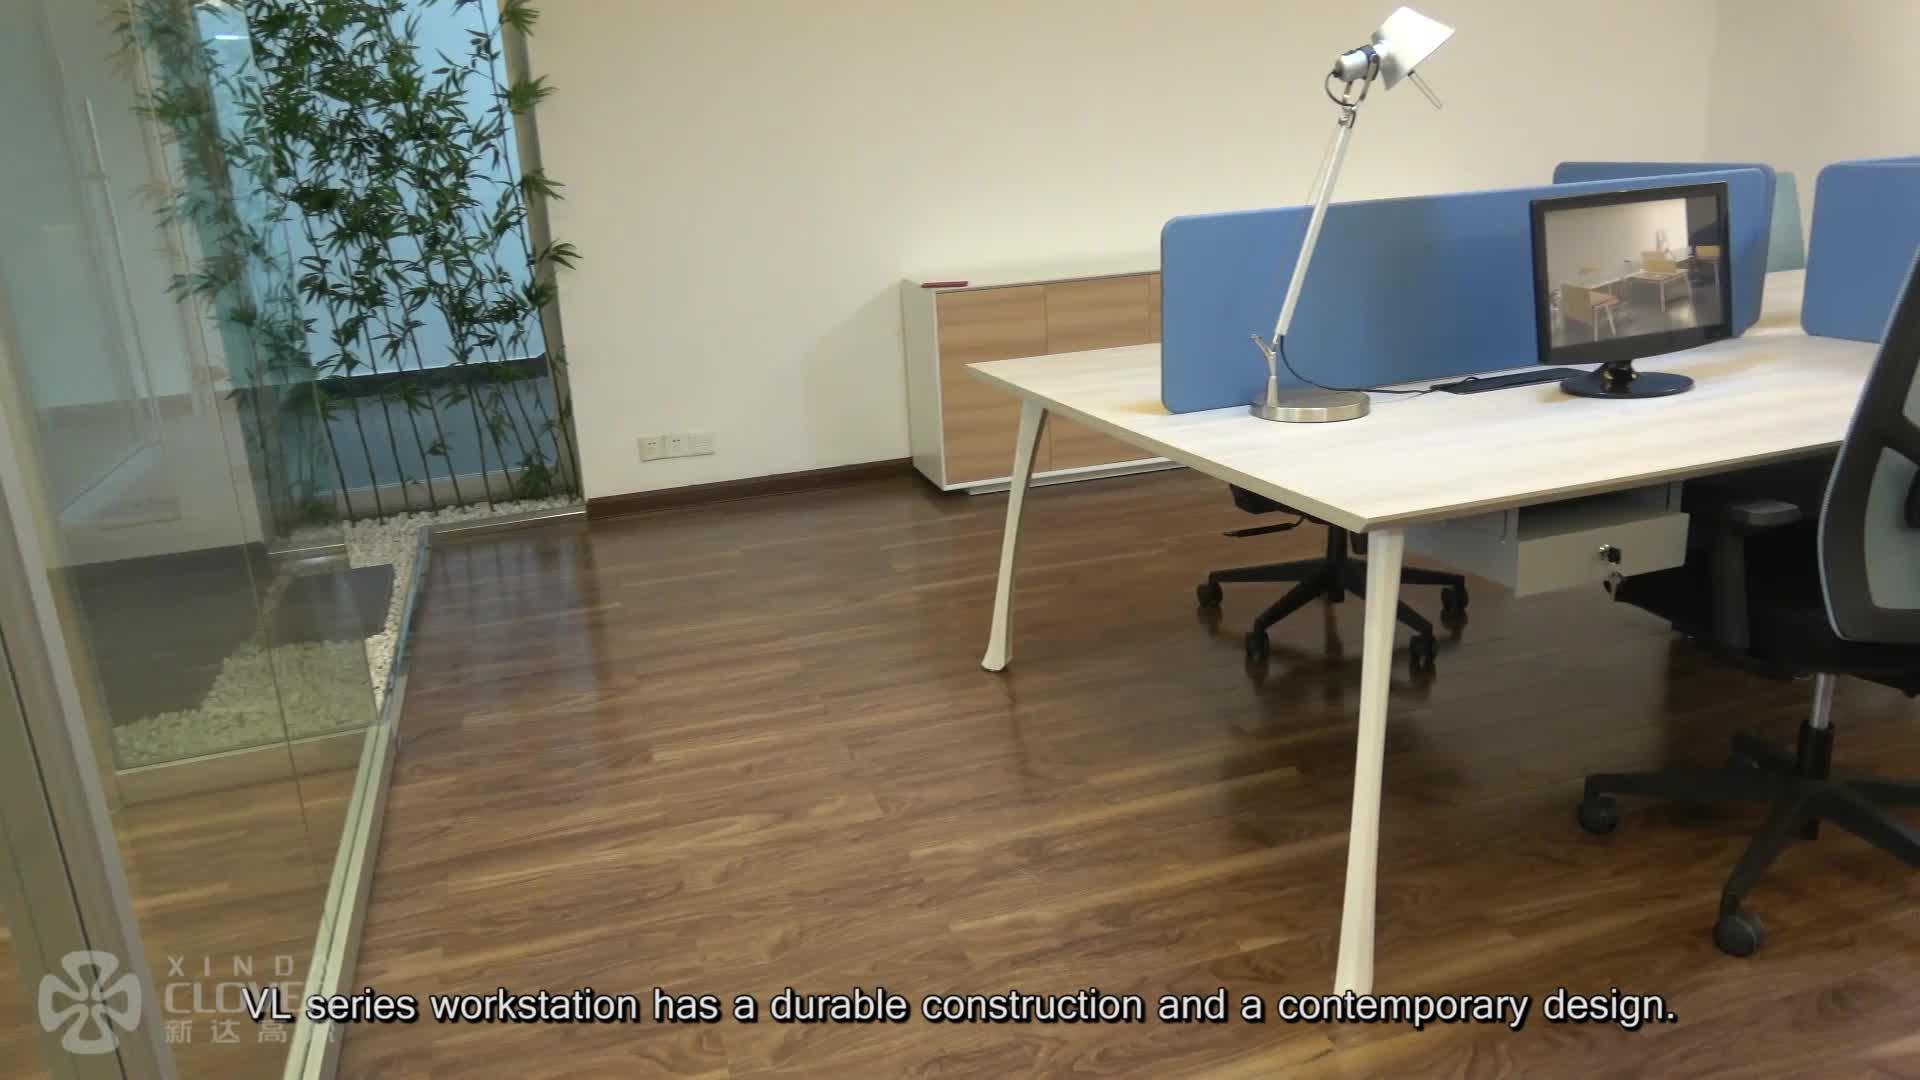 Hot sales hoge kwaliteit 4 persoon nieuwe model modulaire stalen metalen workstation open gebruikt moderne bureau meubelen